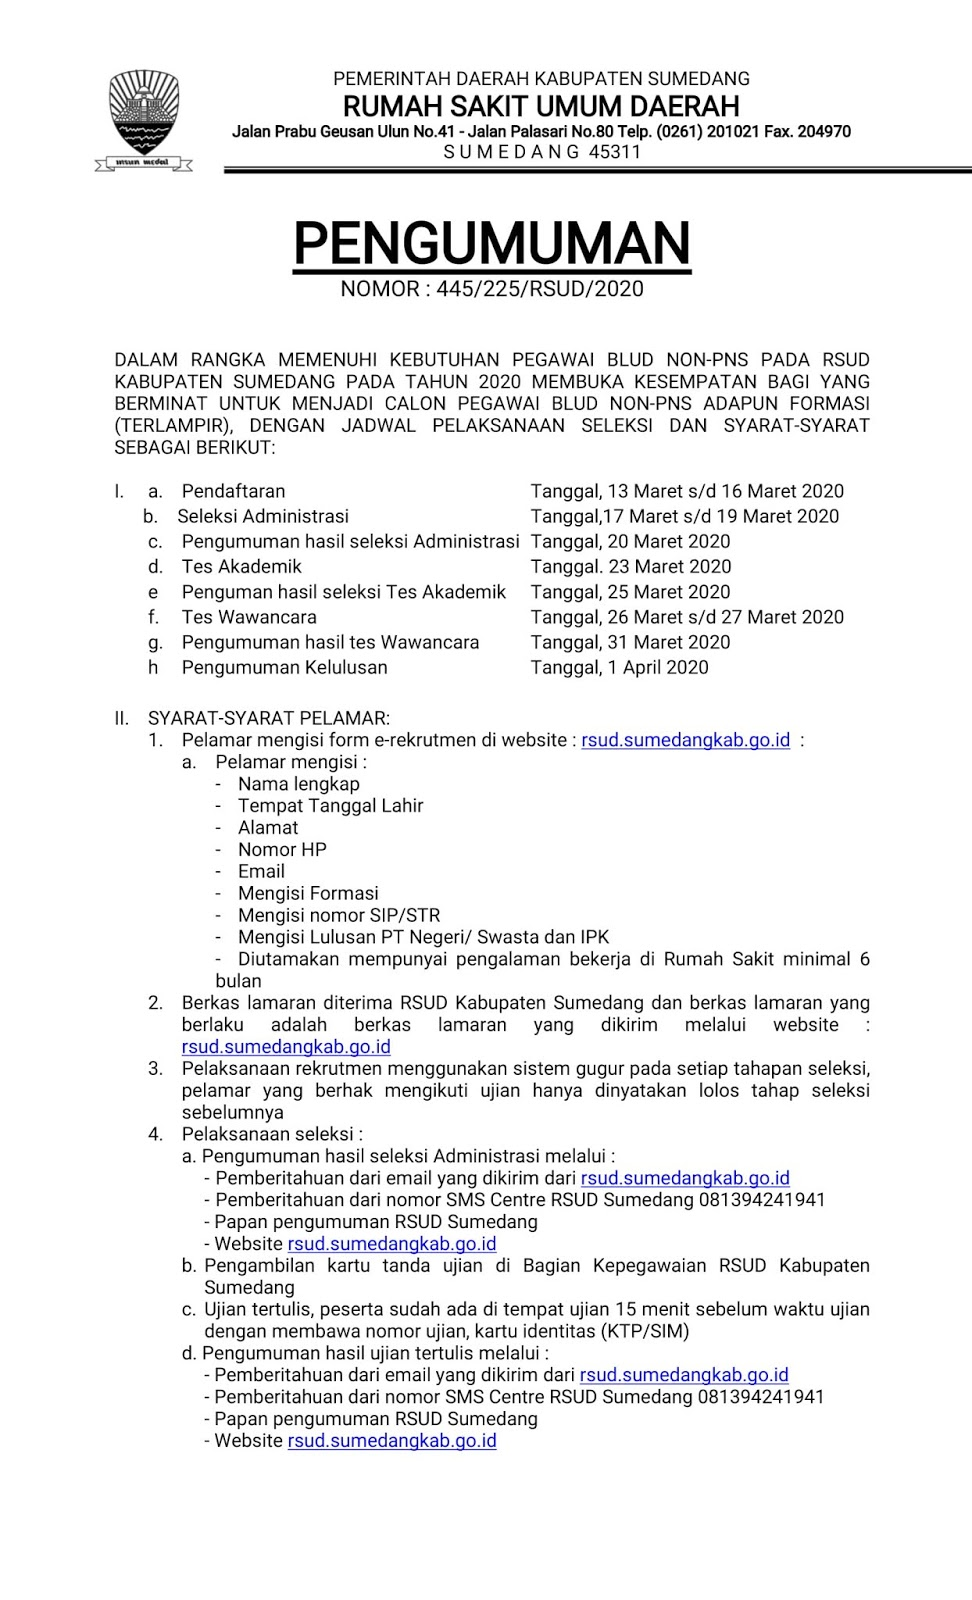 Rekrutmen Tenaga Non PNS Rumah Sakit RSUD Sumedang Besar Besaran Bulan Maret 2020